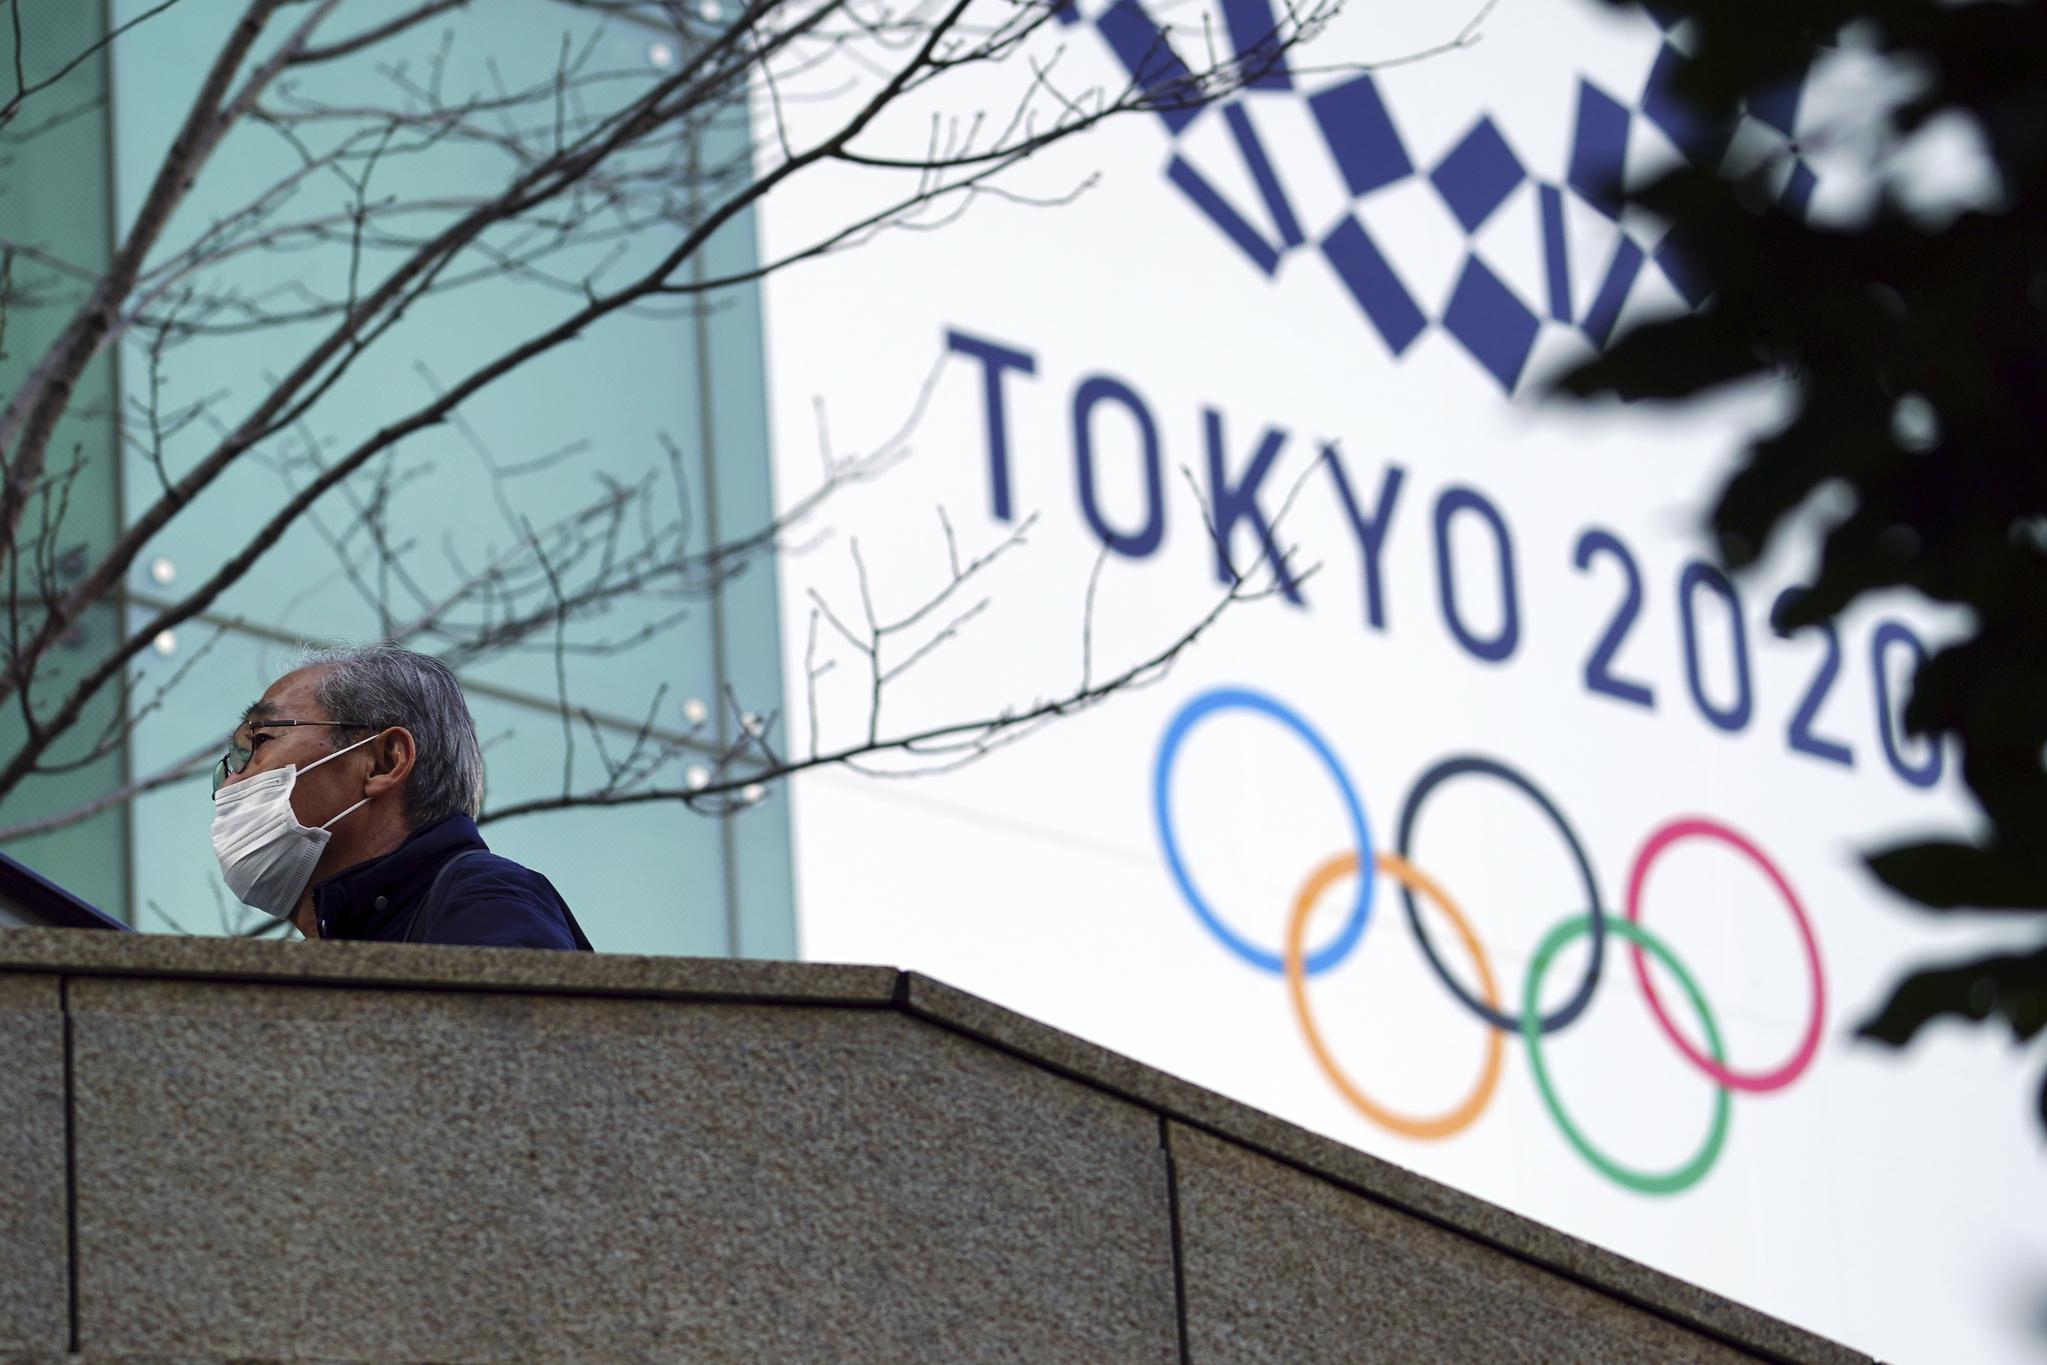 마스크를 쓴 한 남성이 지난 2월 25일 도쿄 올림픽 현수막 앞을 걷고 있다. AP=연합뉴스